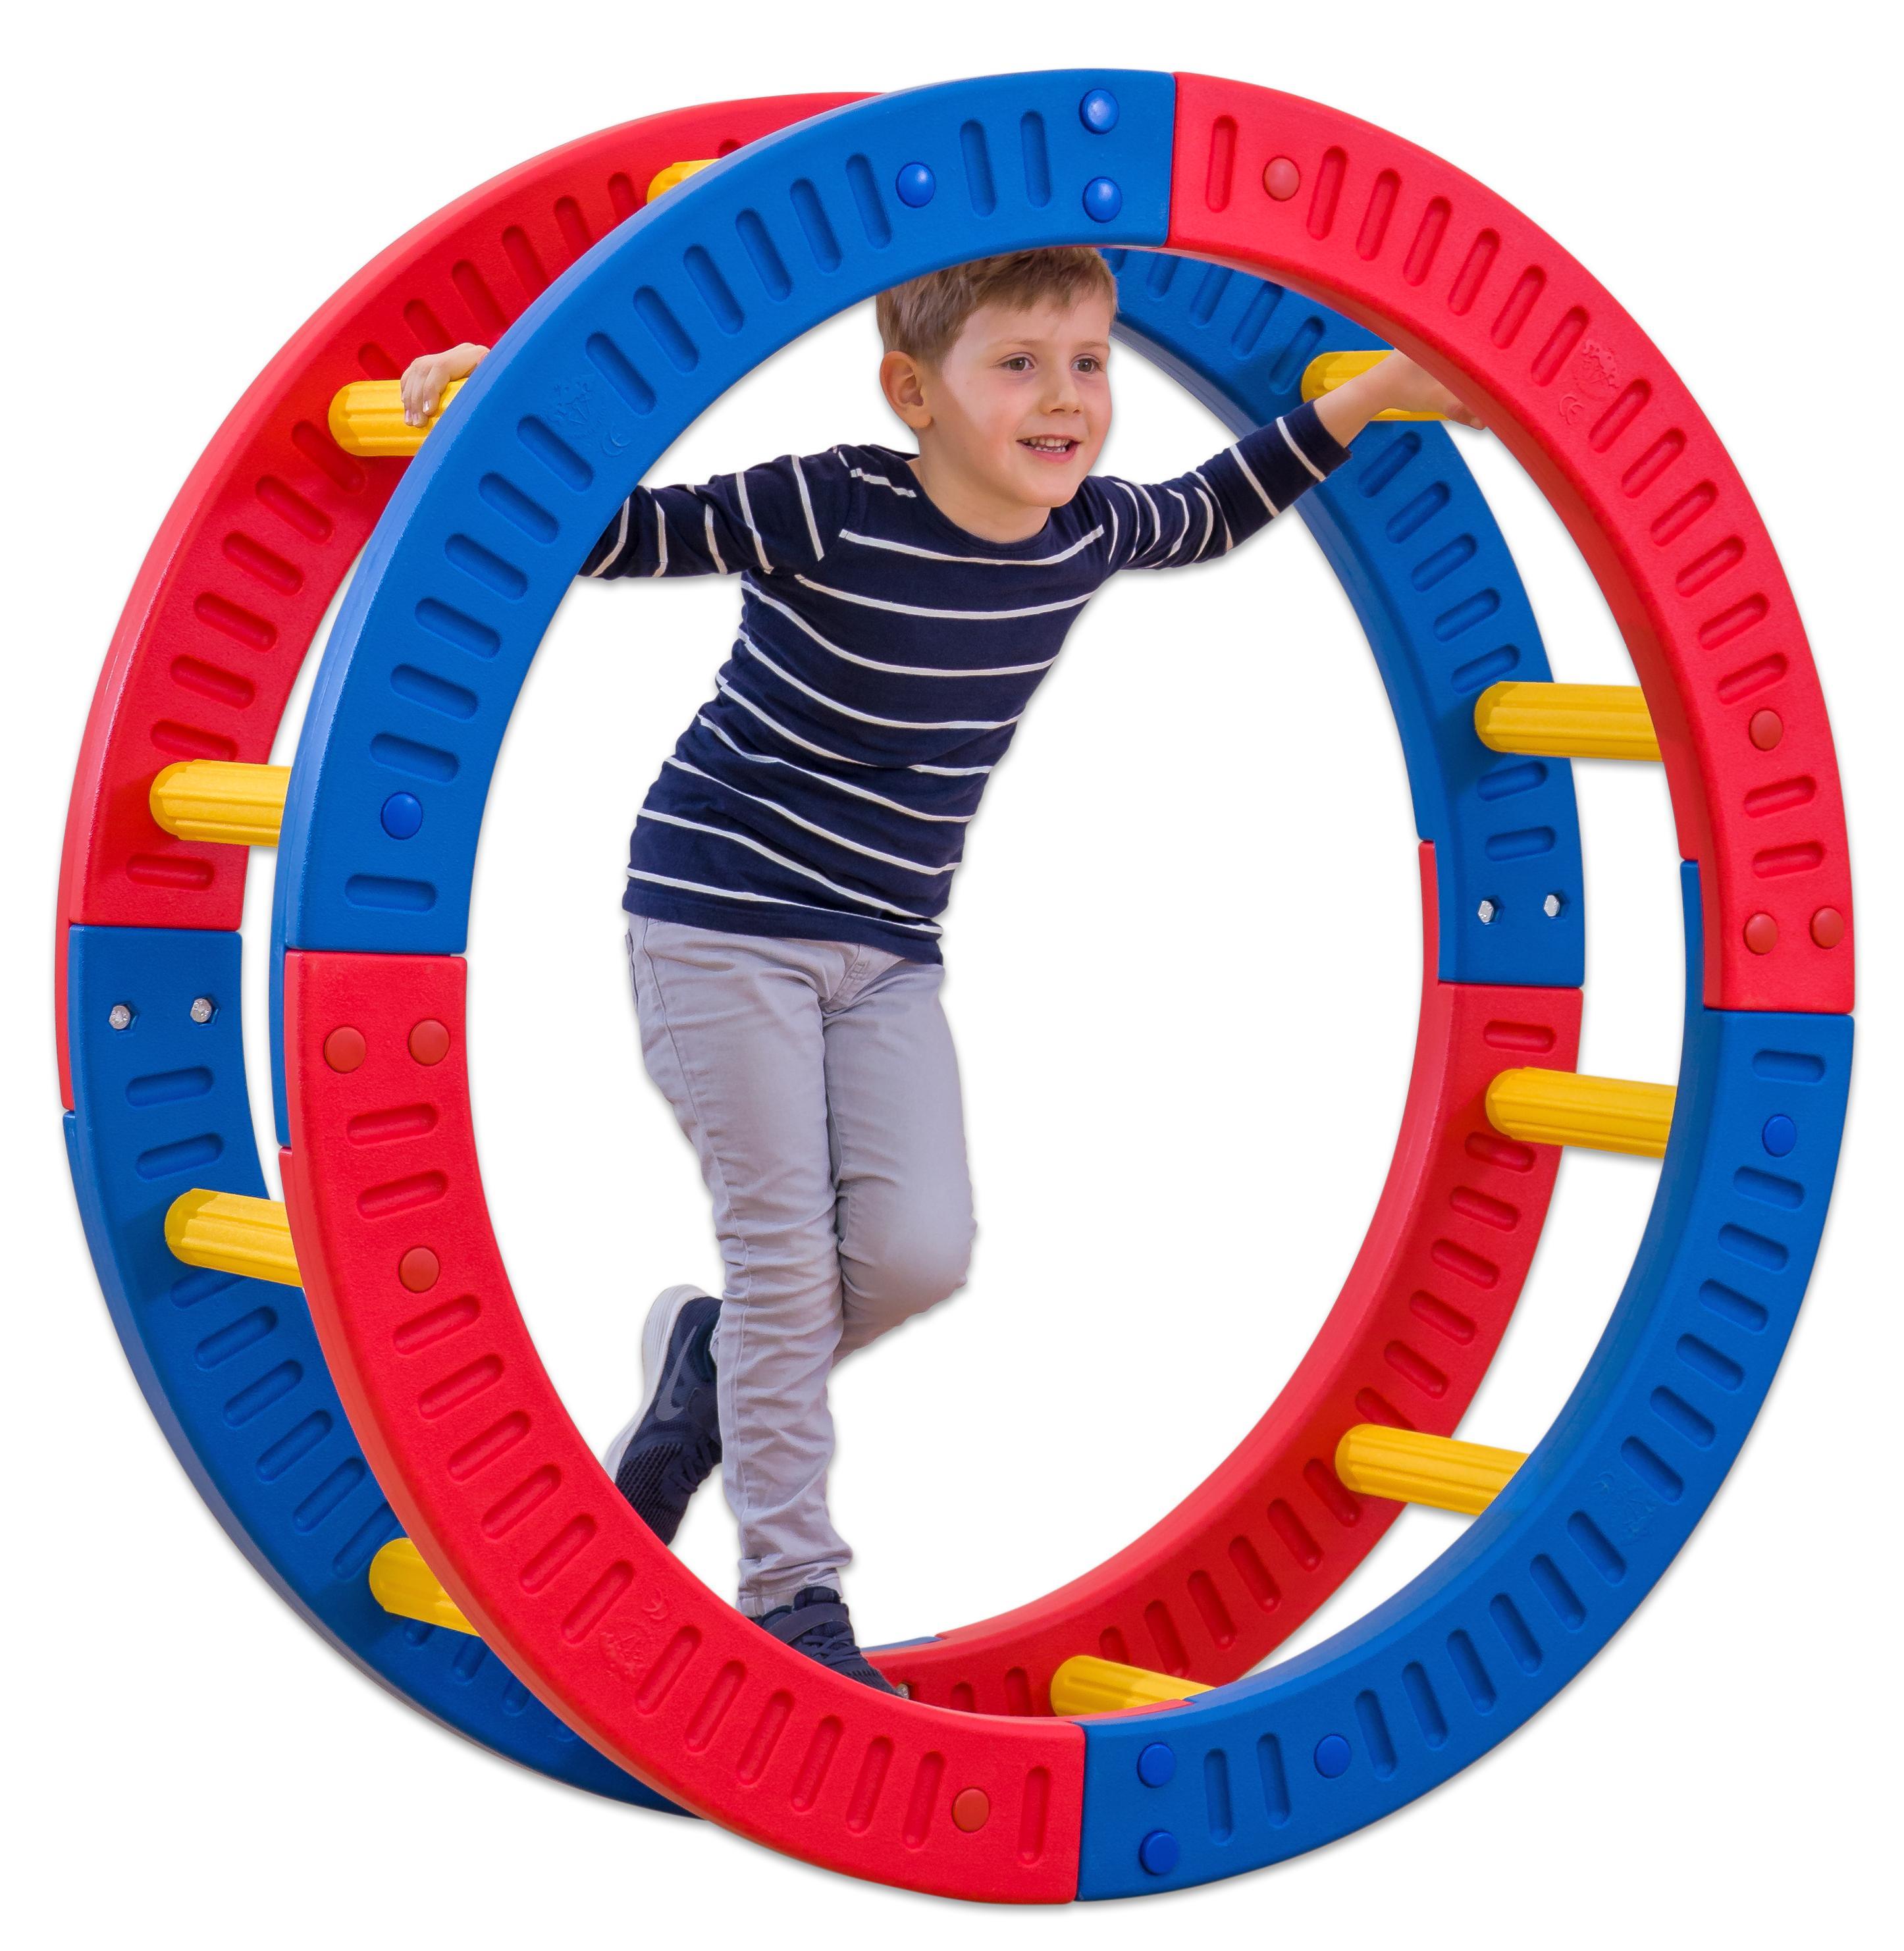 Balance Rad - Balancierspiel, Gleichgewicht und  Koordination, Sportgerät